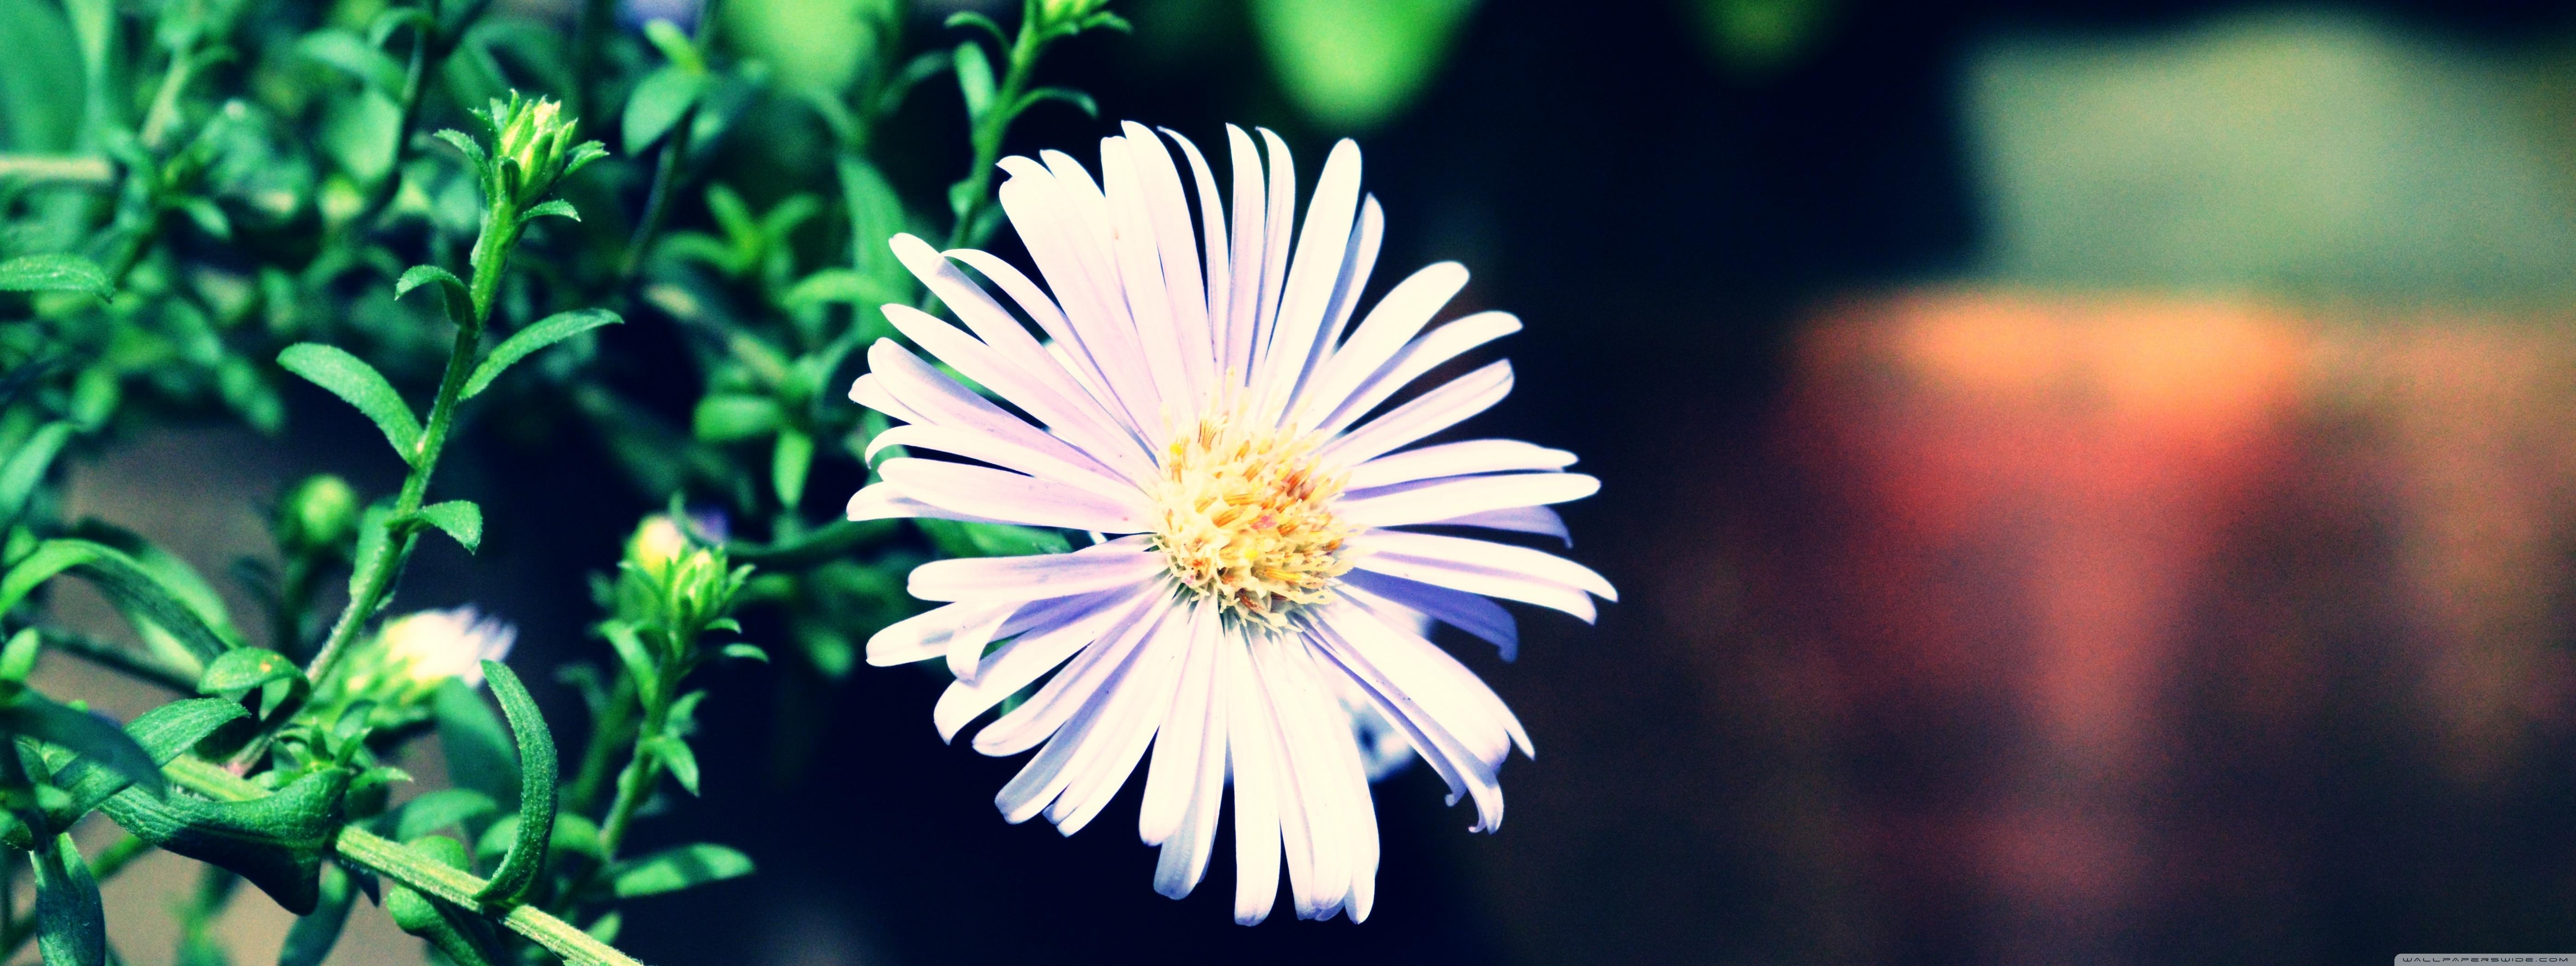 Download Free WallpaperViolet Flower